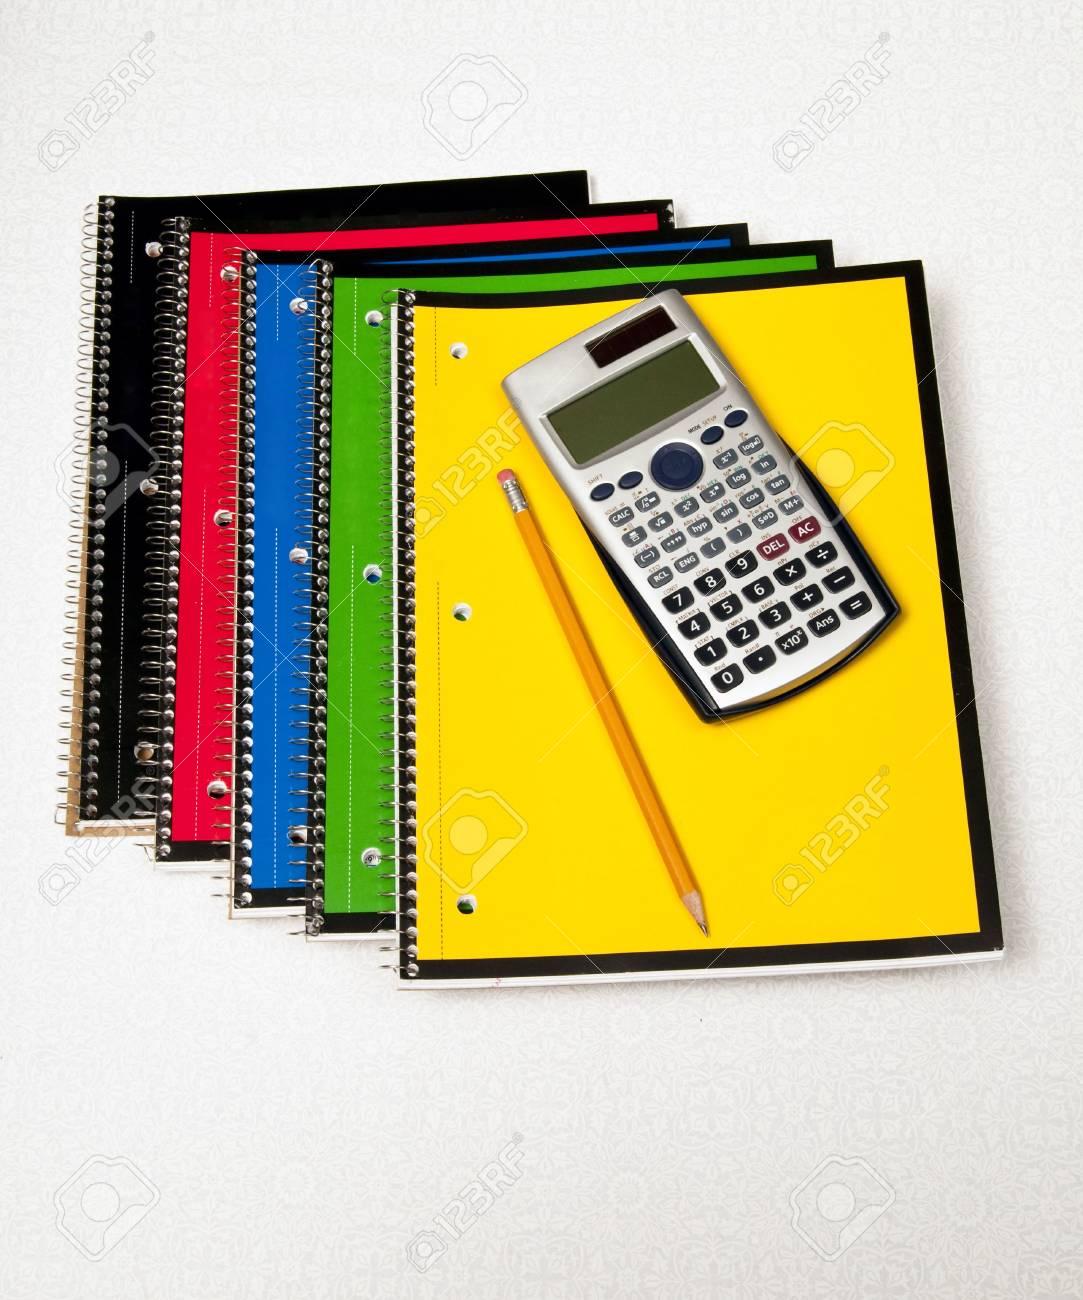 cinq ordinateurs portables et d un calculateur de prêt pour les